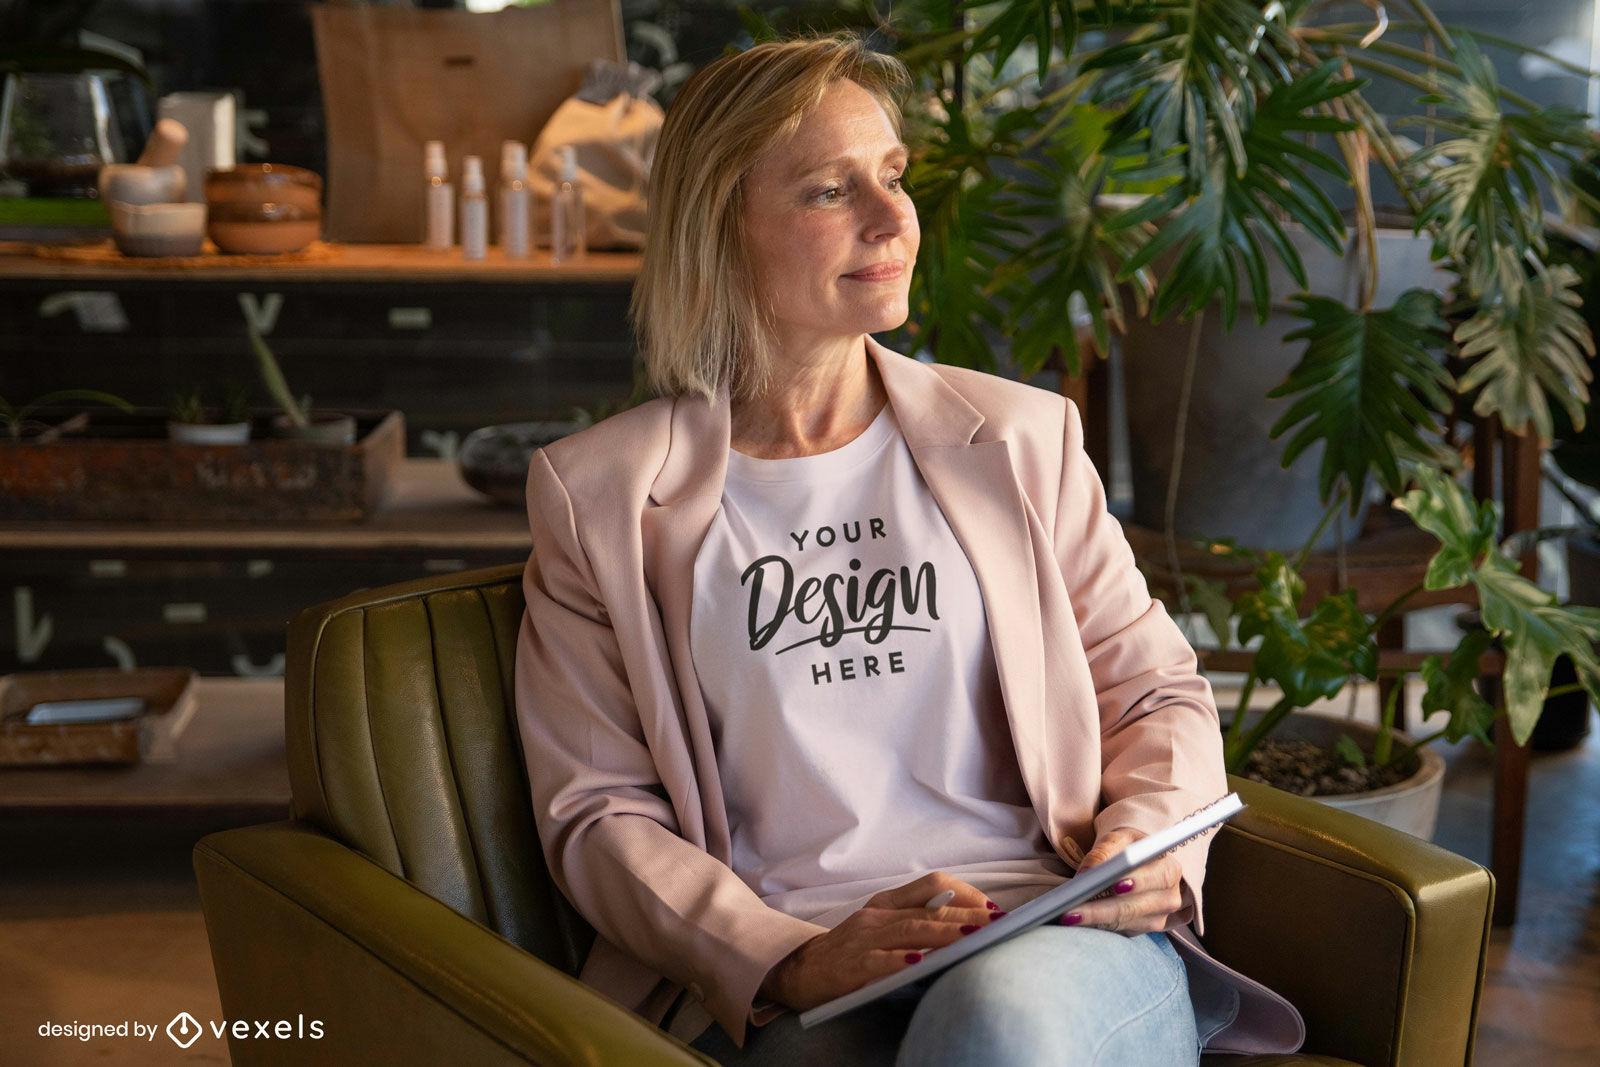 Wei?es T-Shirt Modell der Frau im Zimmer mit Pflanzen